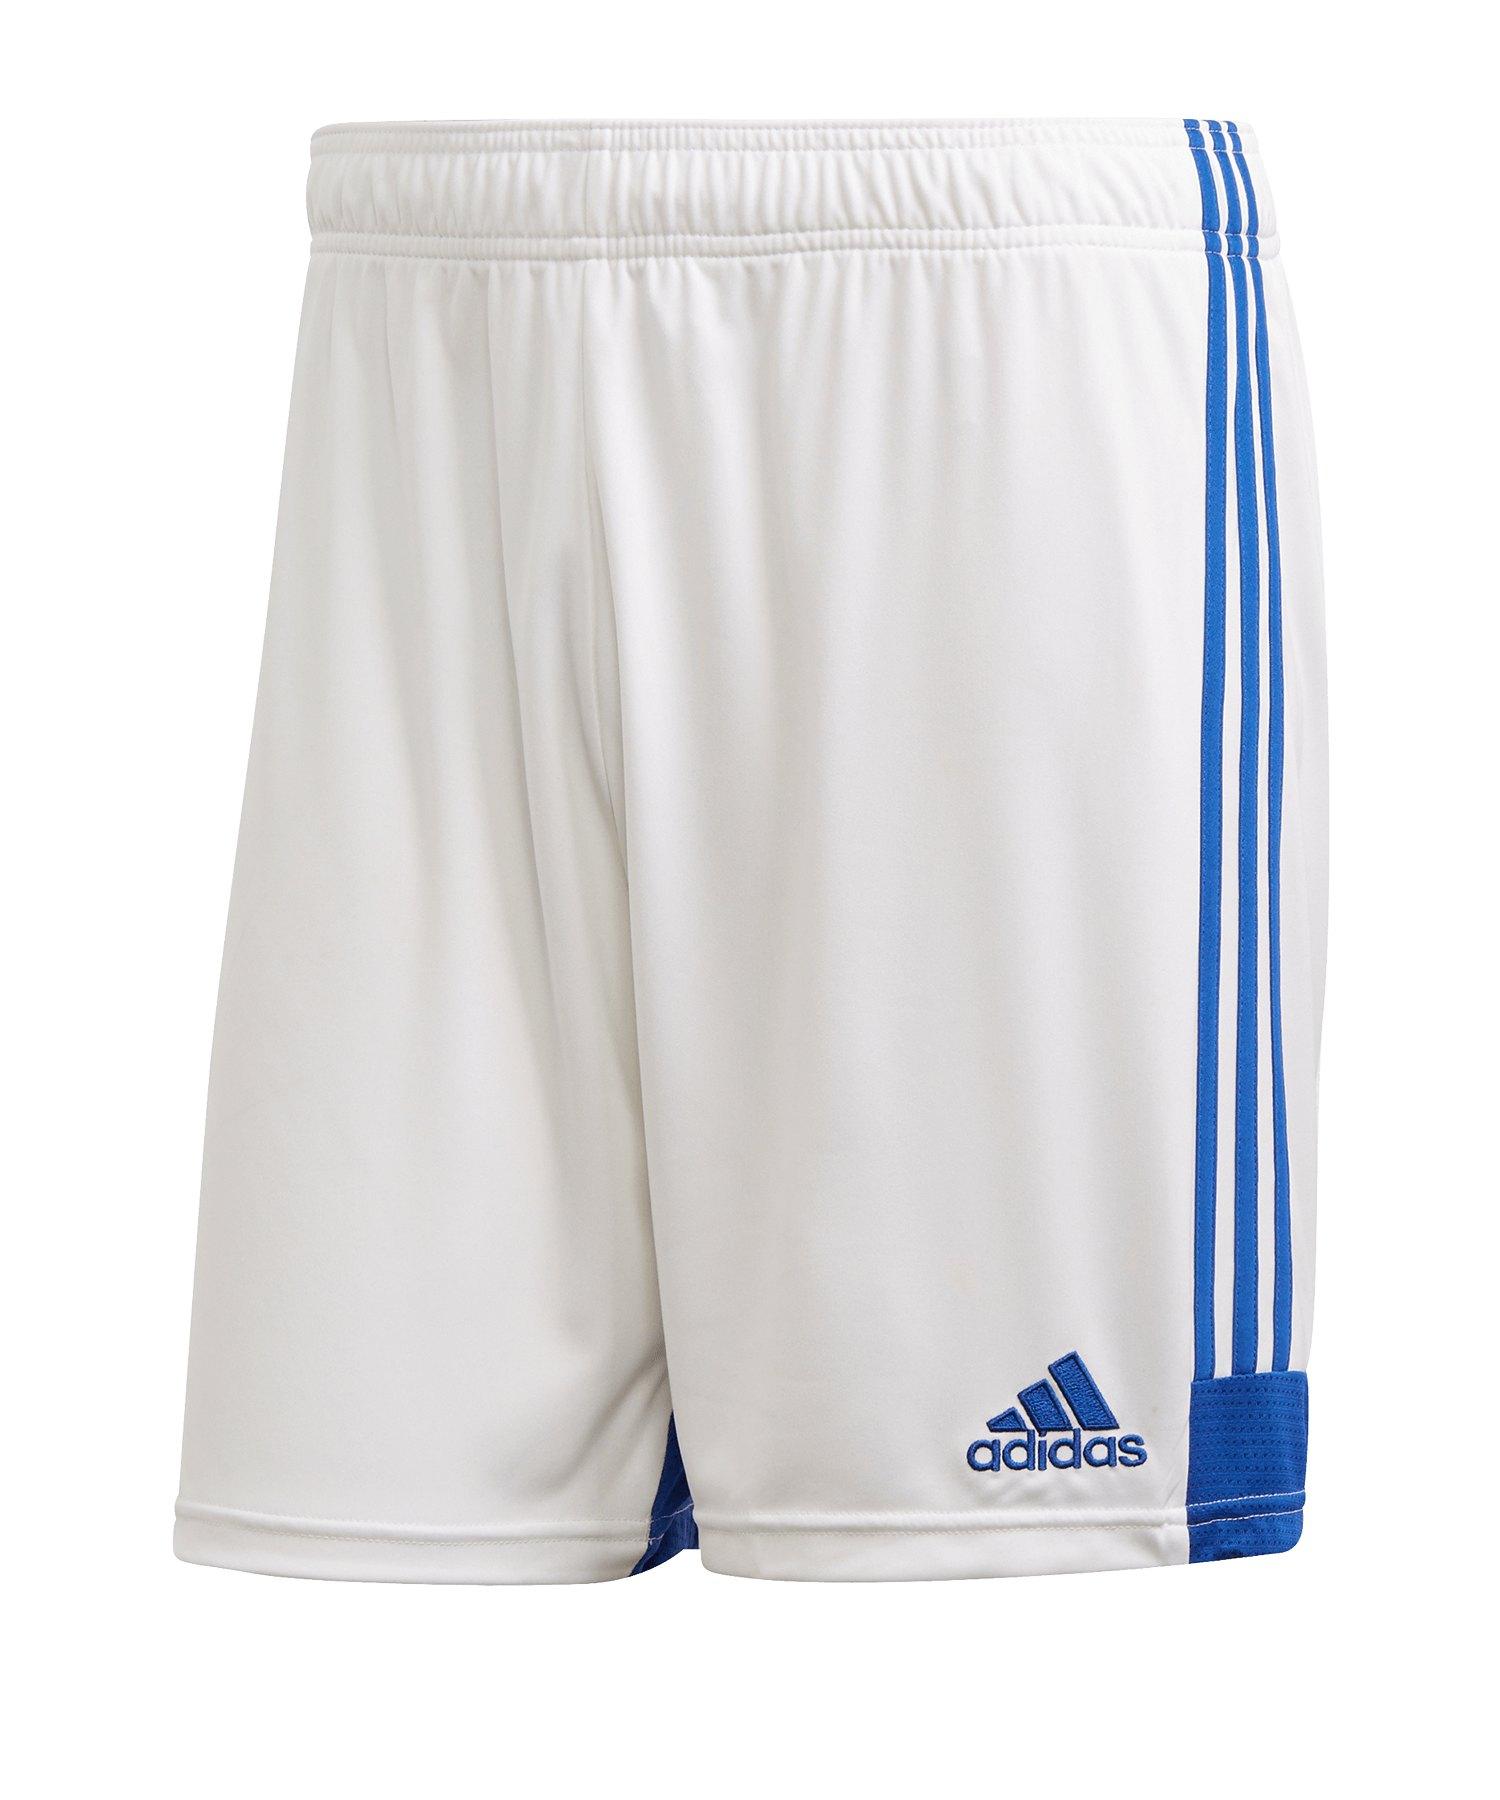 adidas Tastigo 19 Short Weiss Blau - weiss